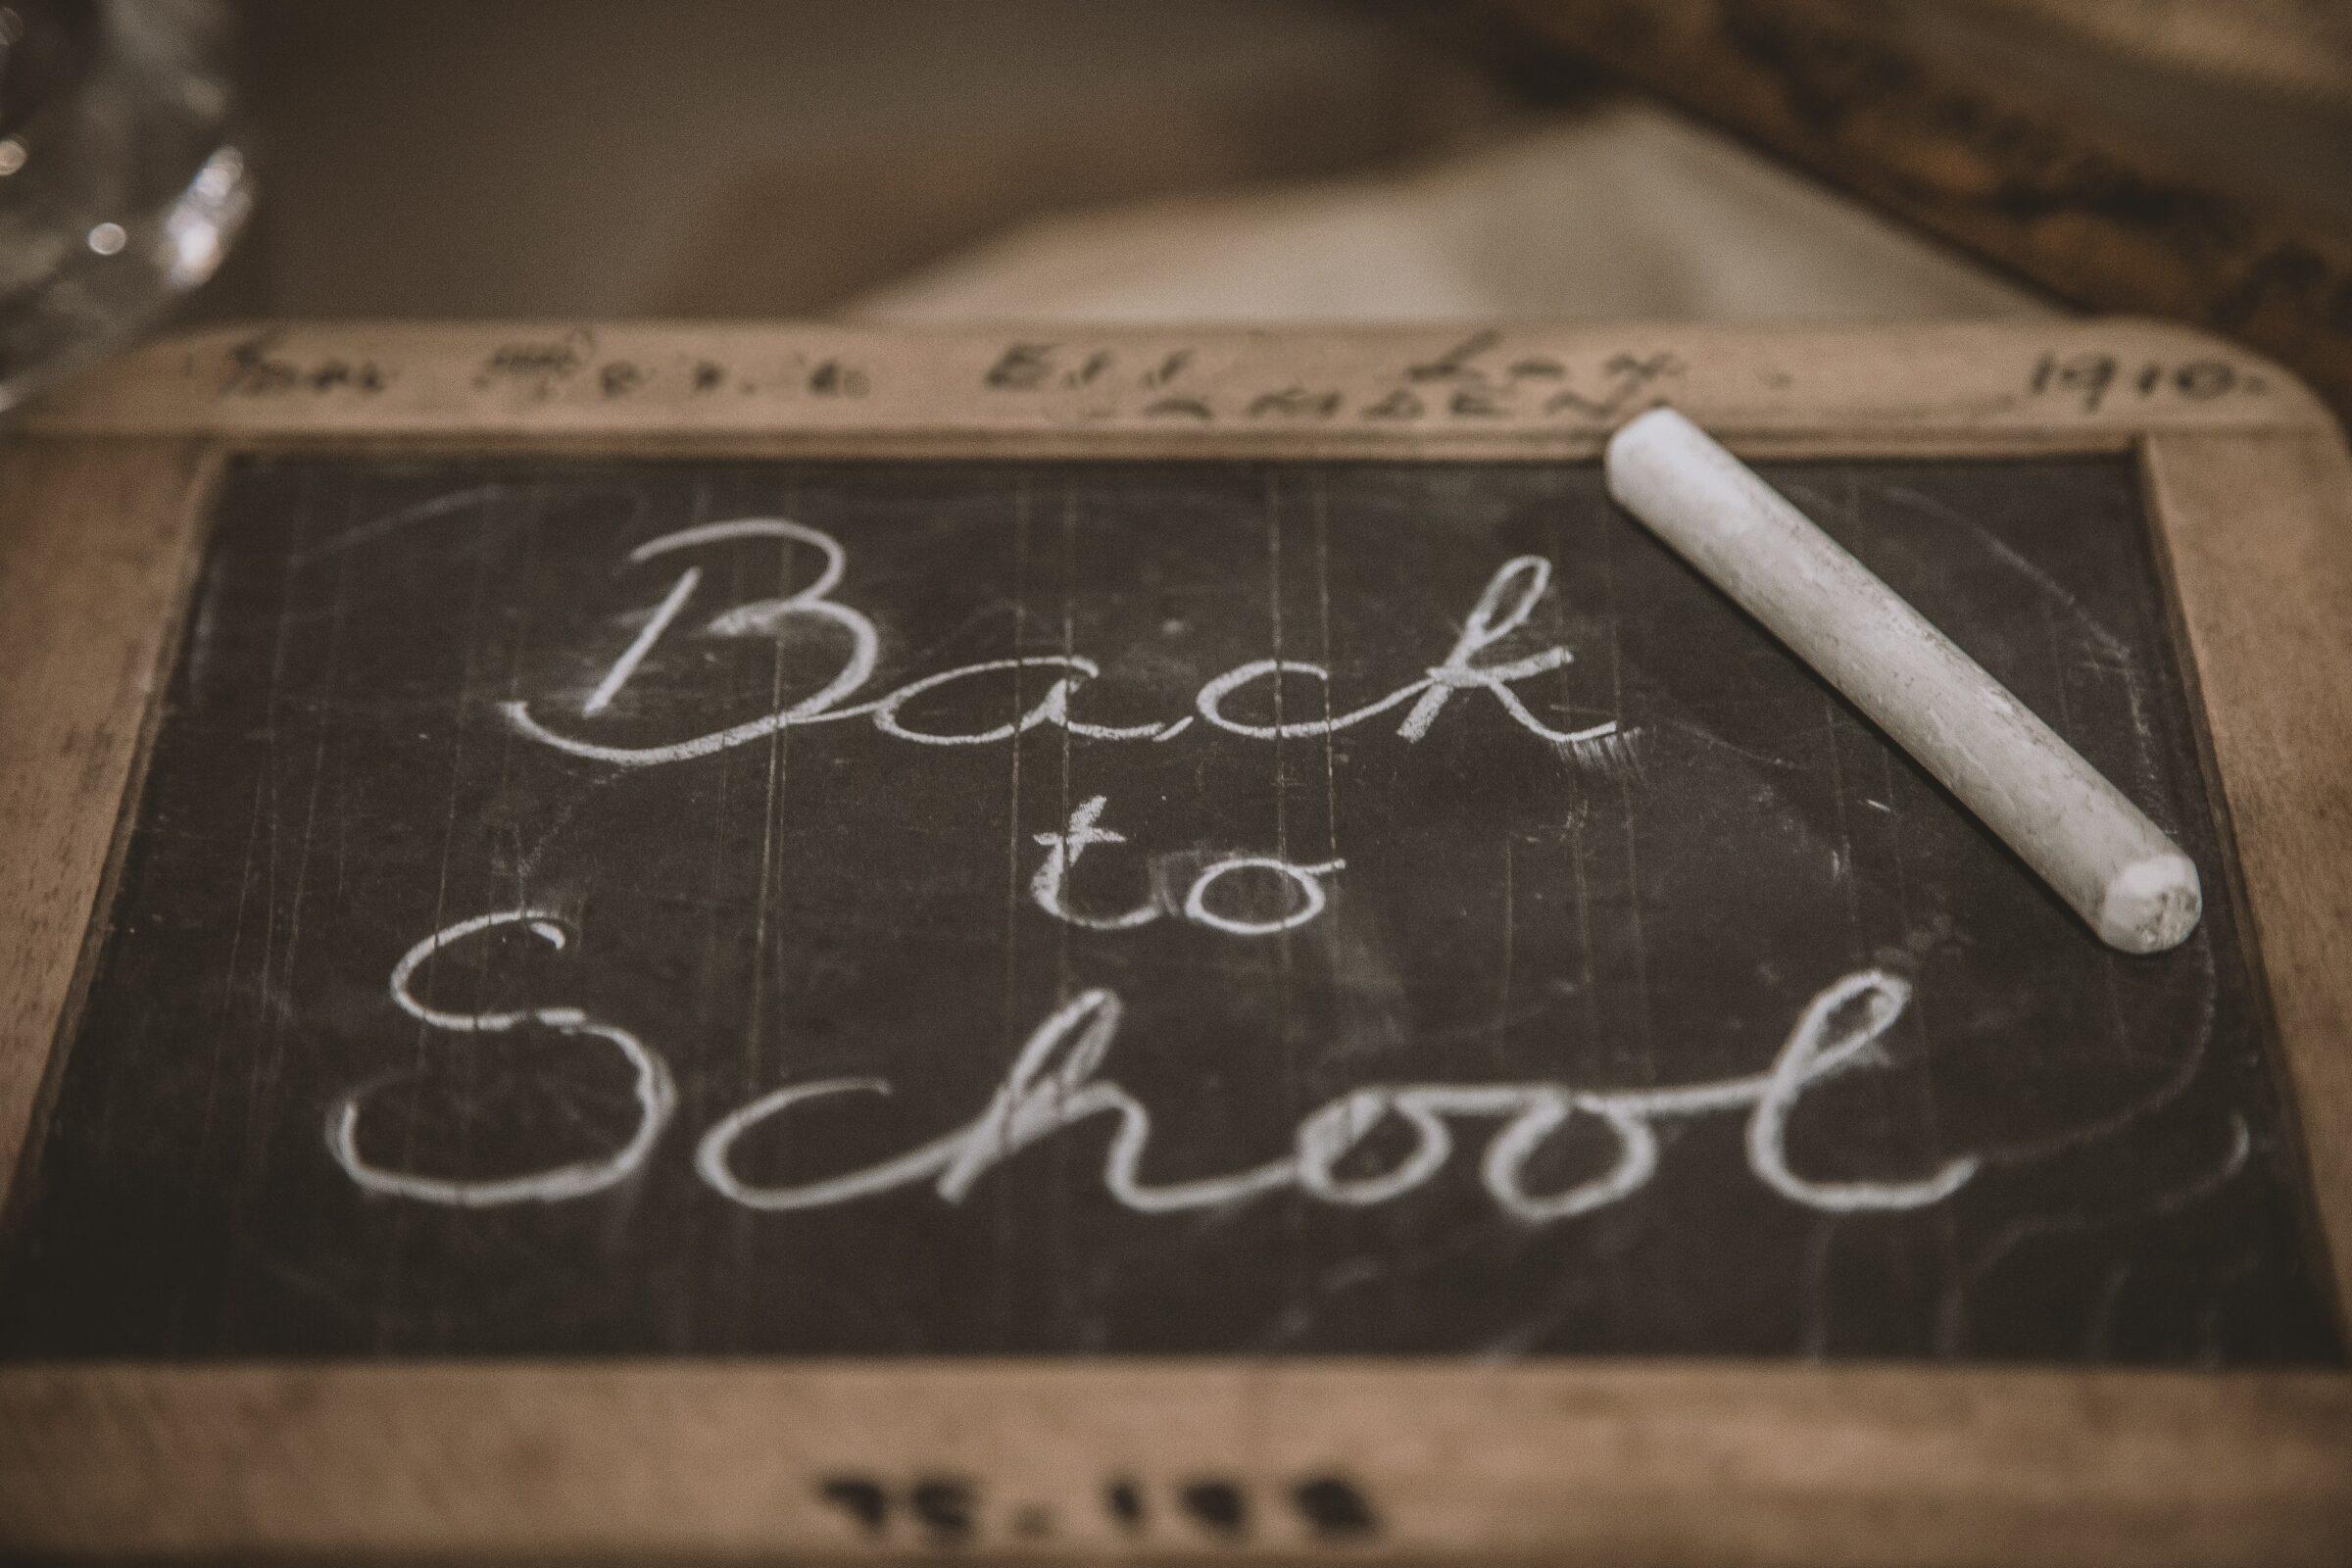 Op klein schoolbord met krijt Back to school geschreven.